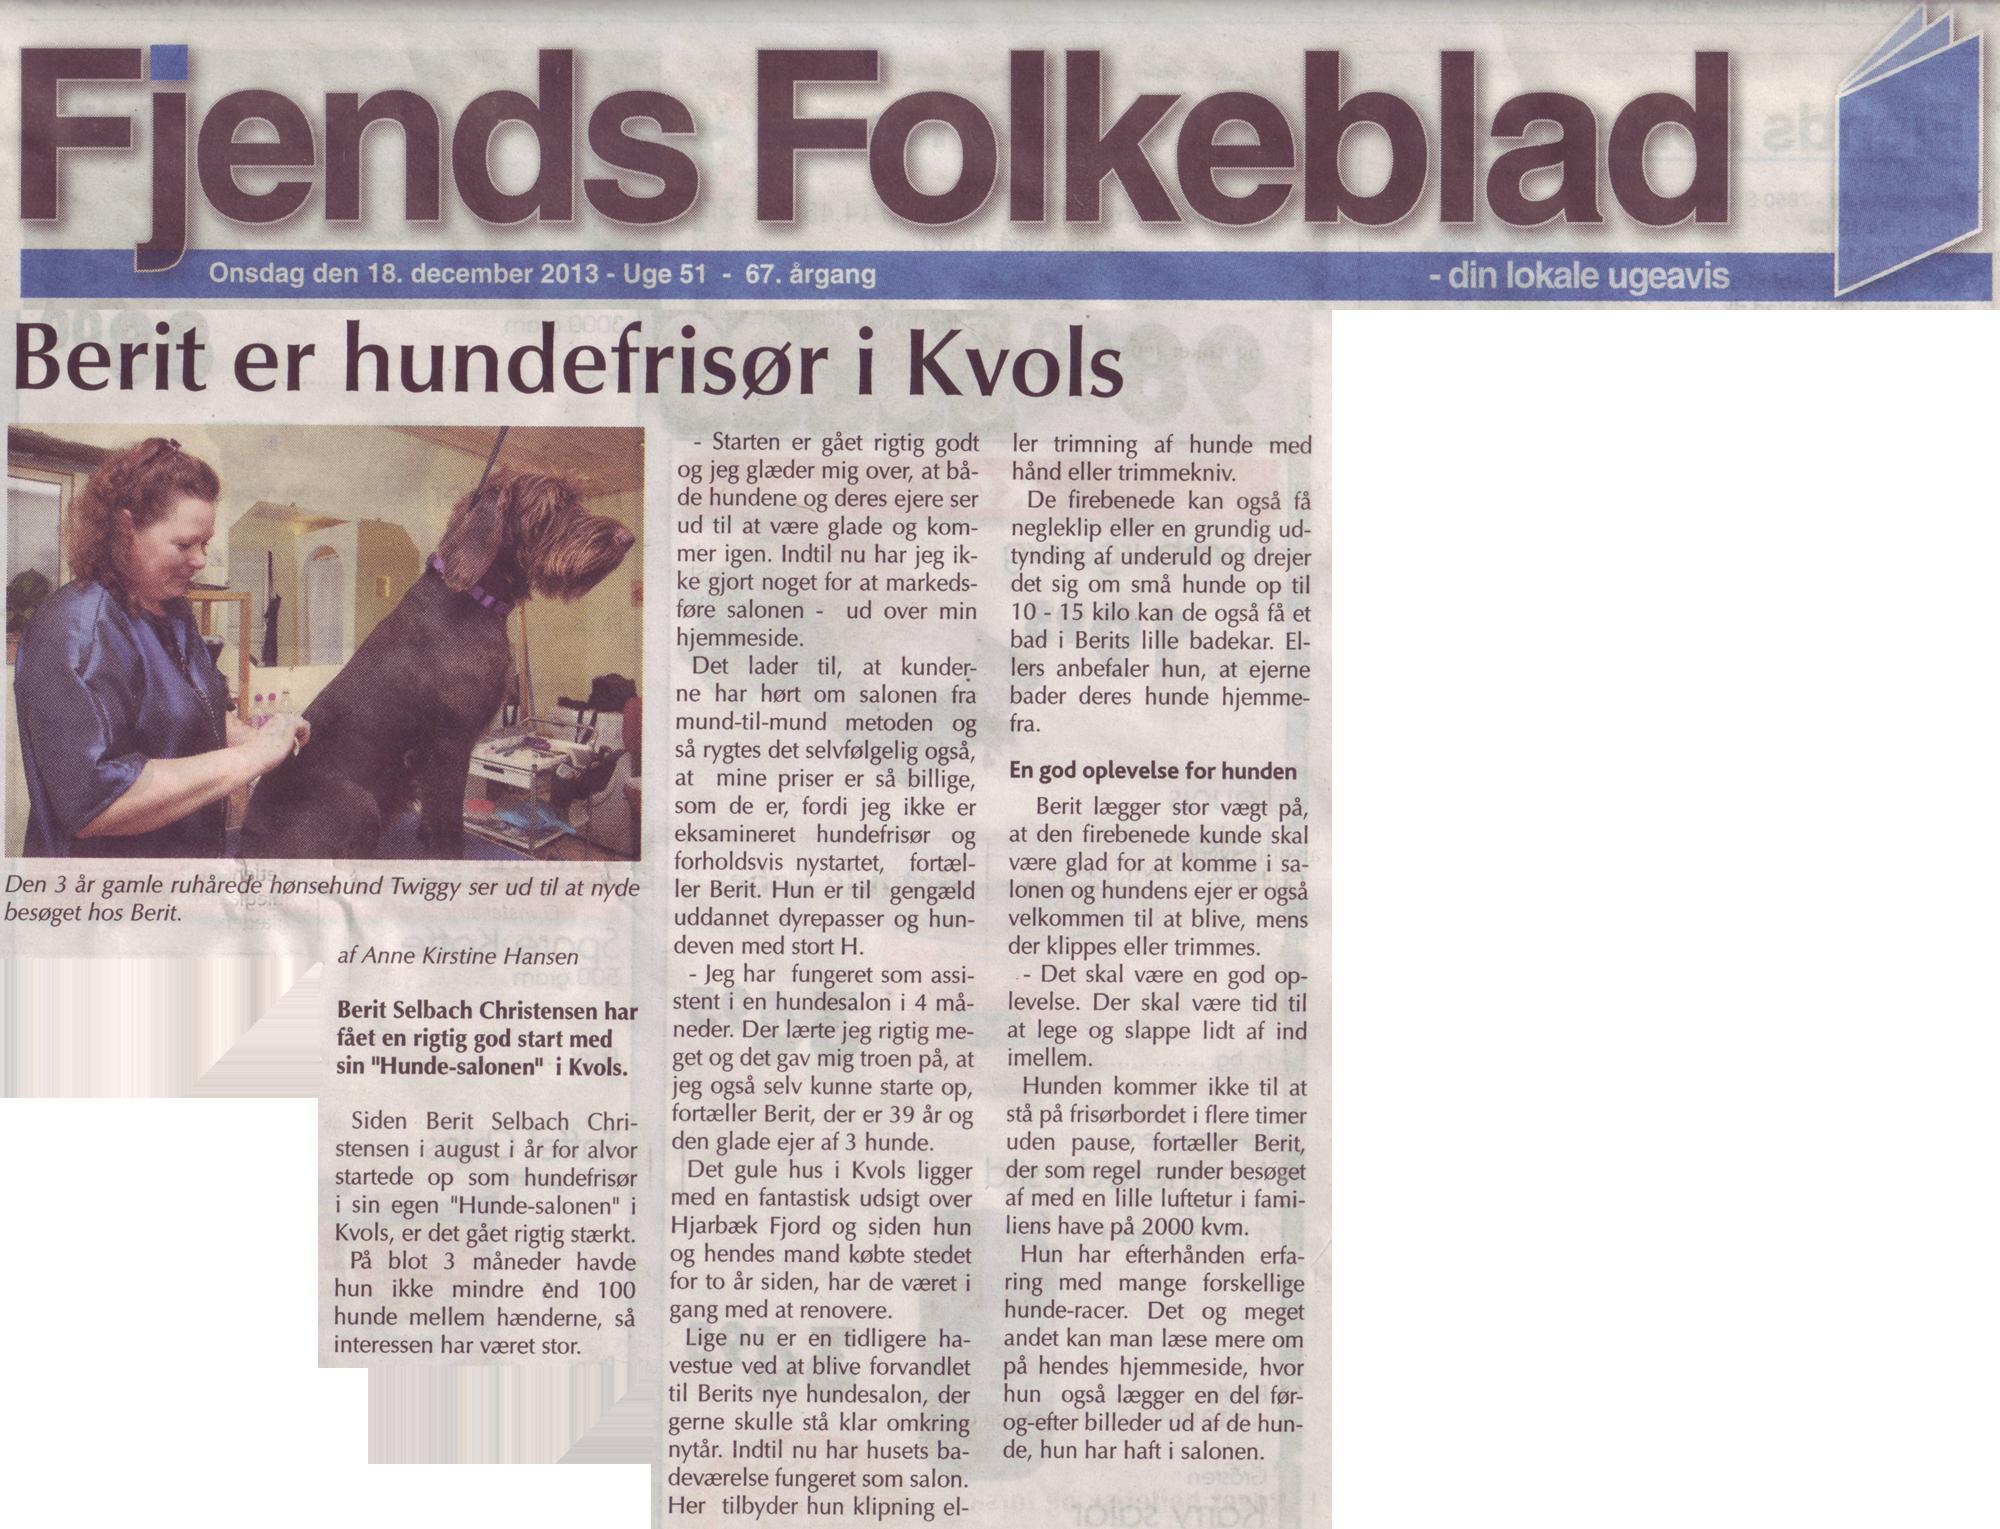 Hunde-Salonen i Fjends Folkeblad, 18. december 2013